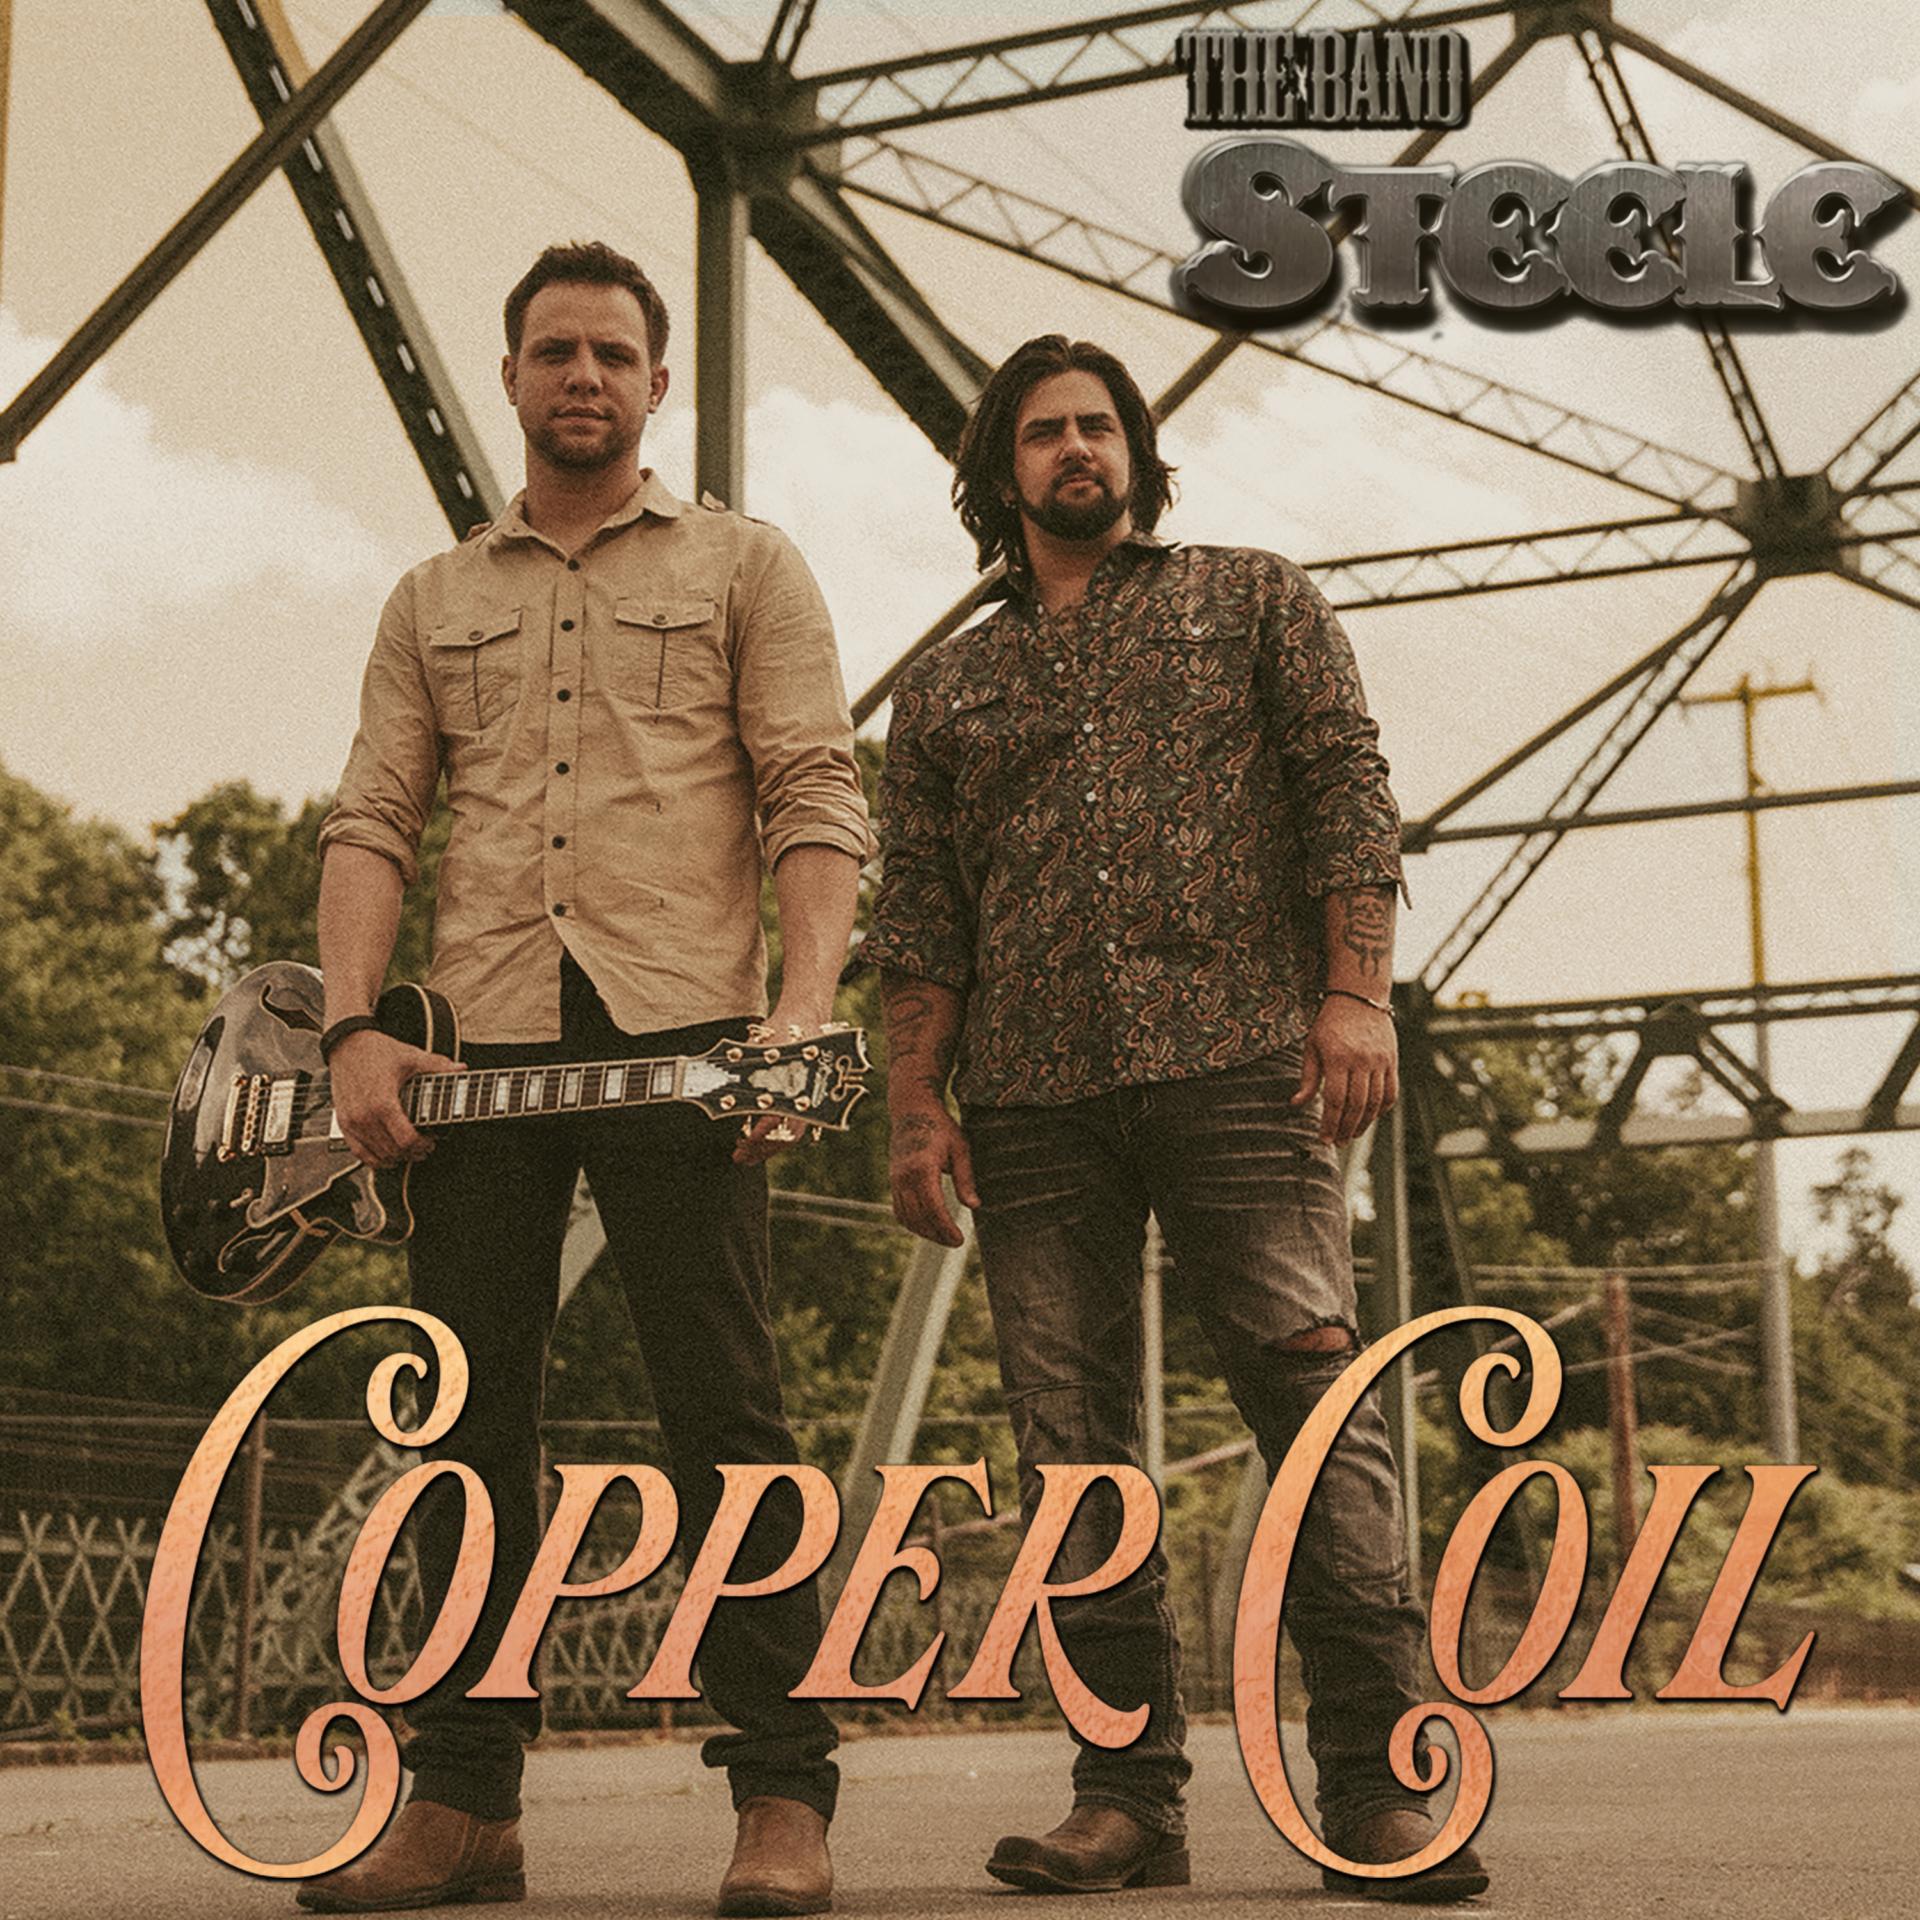 Copper Coil Single Art